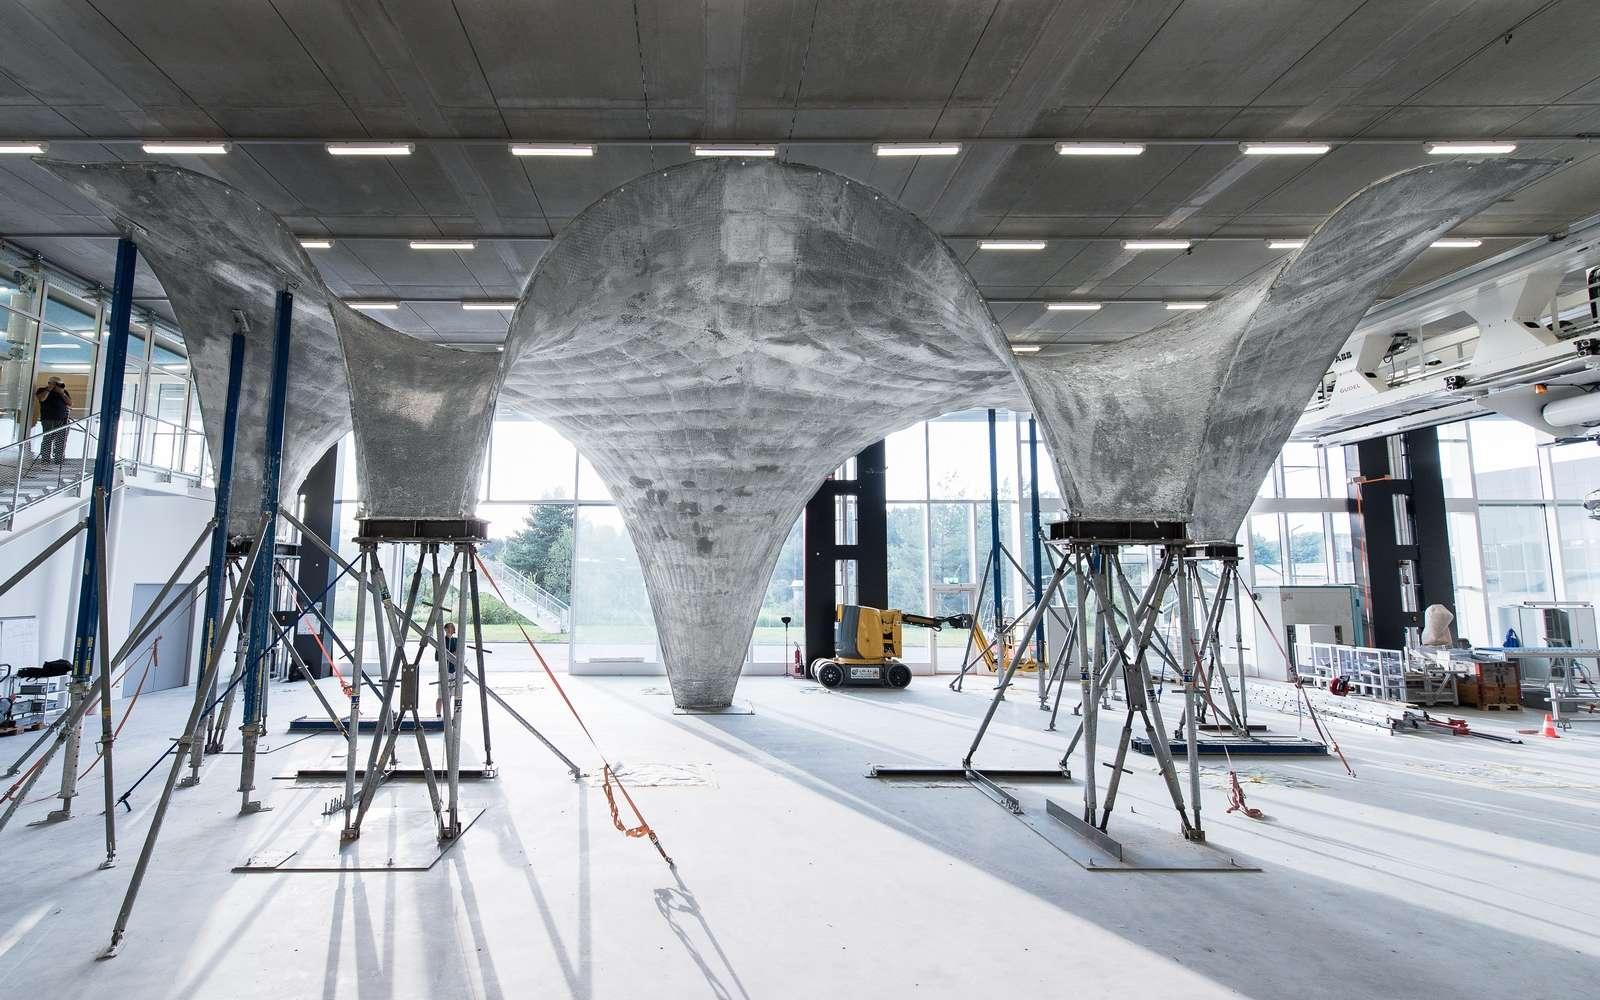 Le prototype de toit en béton créé par l'ETH Zurich sera refabriqué à l'identique sur le toit de l'immeuble du laboratoire NEST à Dübendorf (Suisse). © Block Research Group, ETH Zurich, Michael Lyrenmann